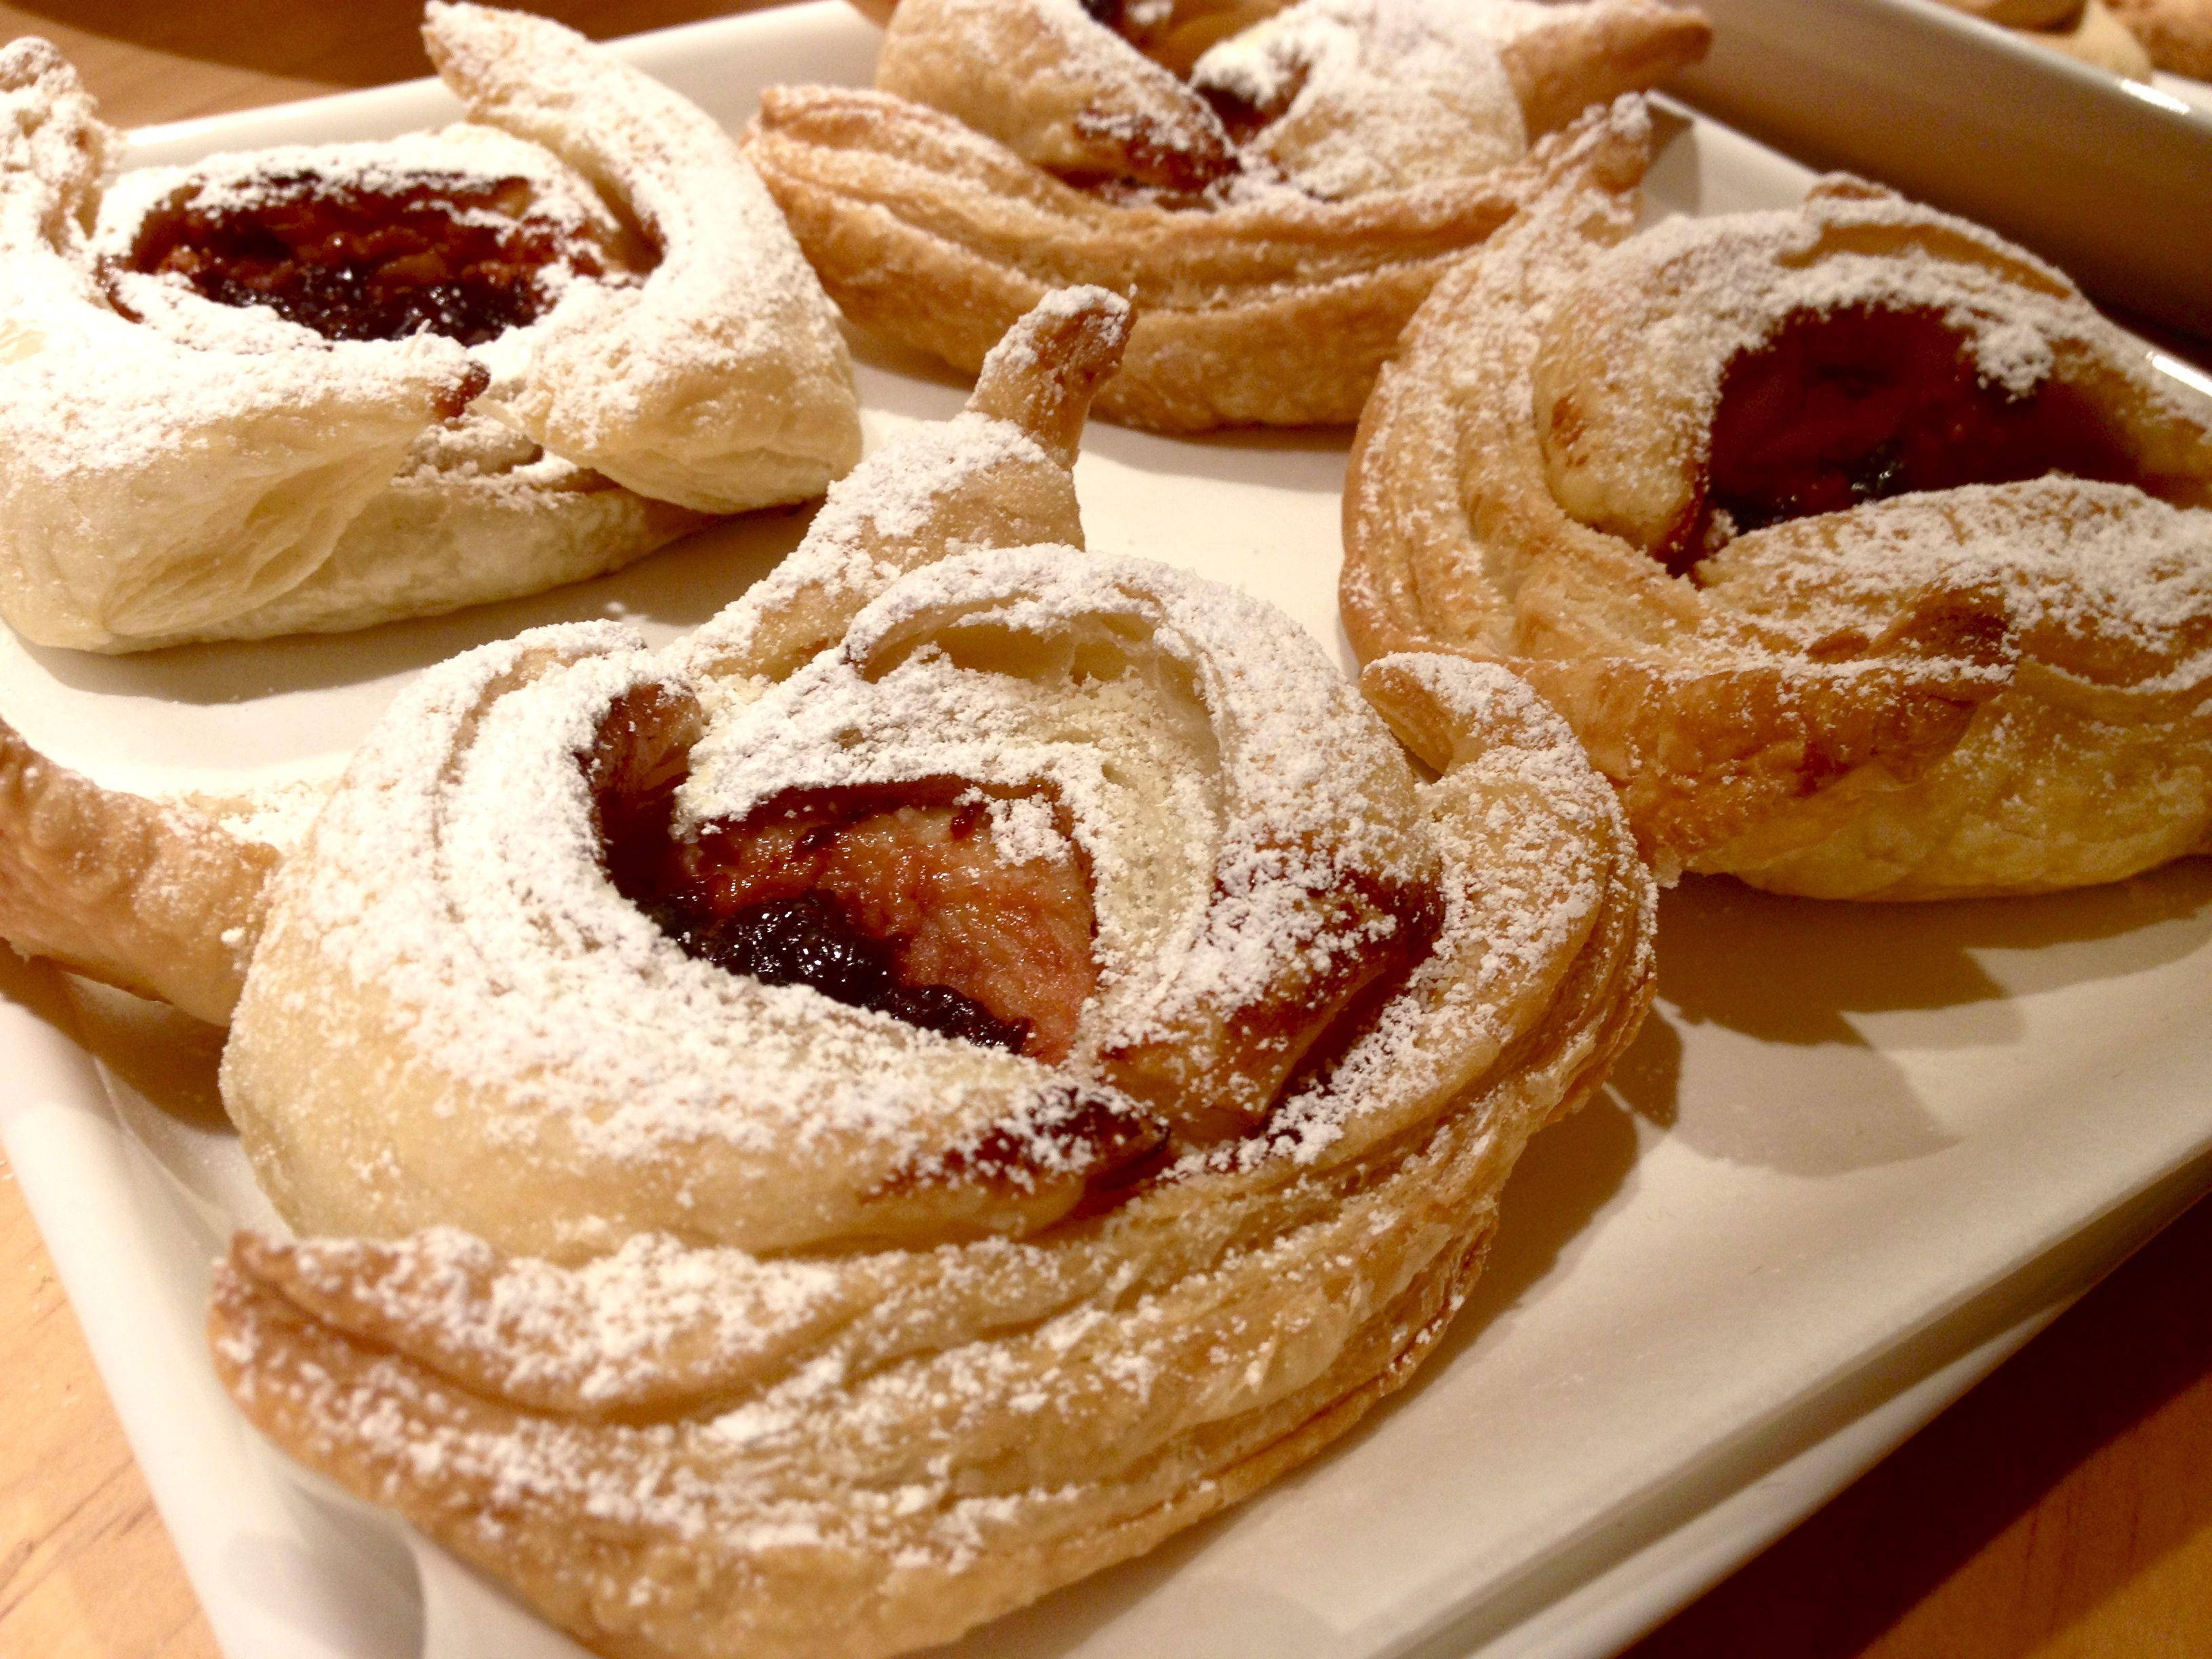 Strawberry cheesecake pastry... yumm